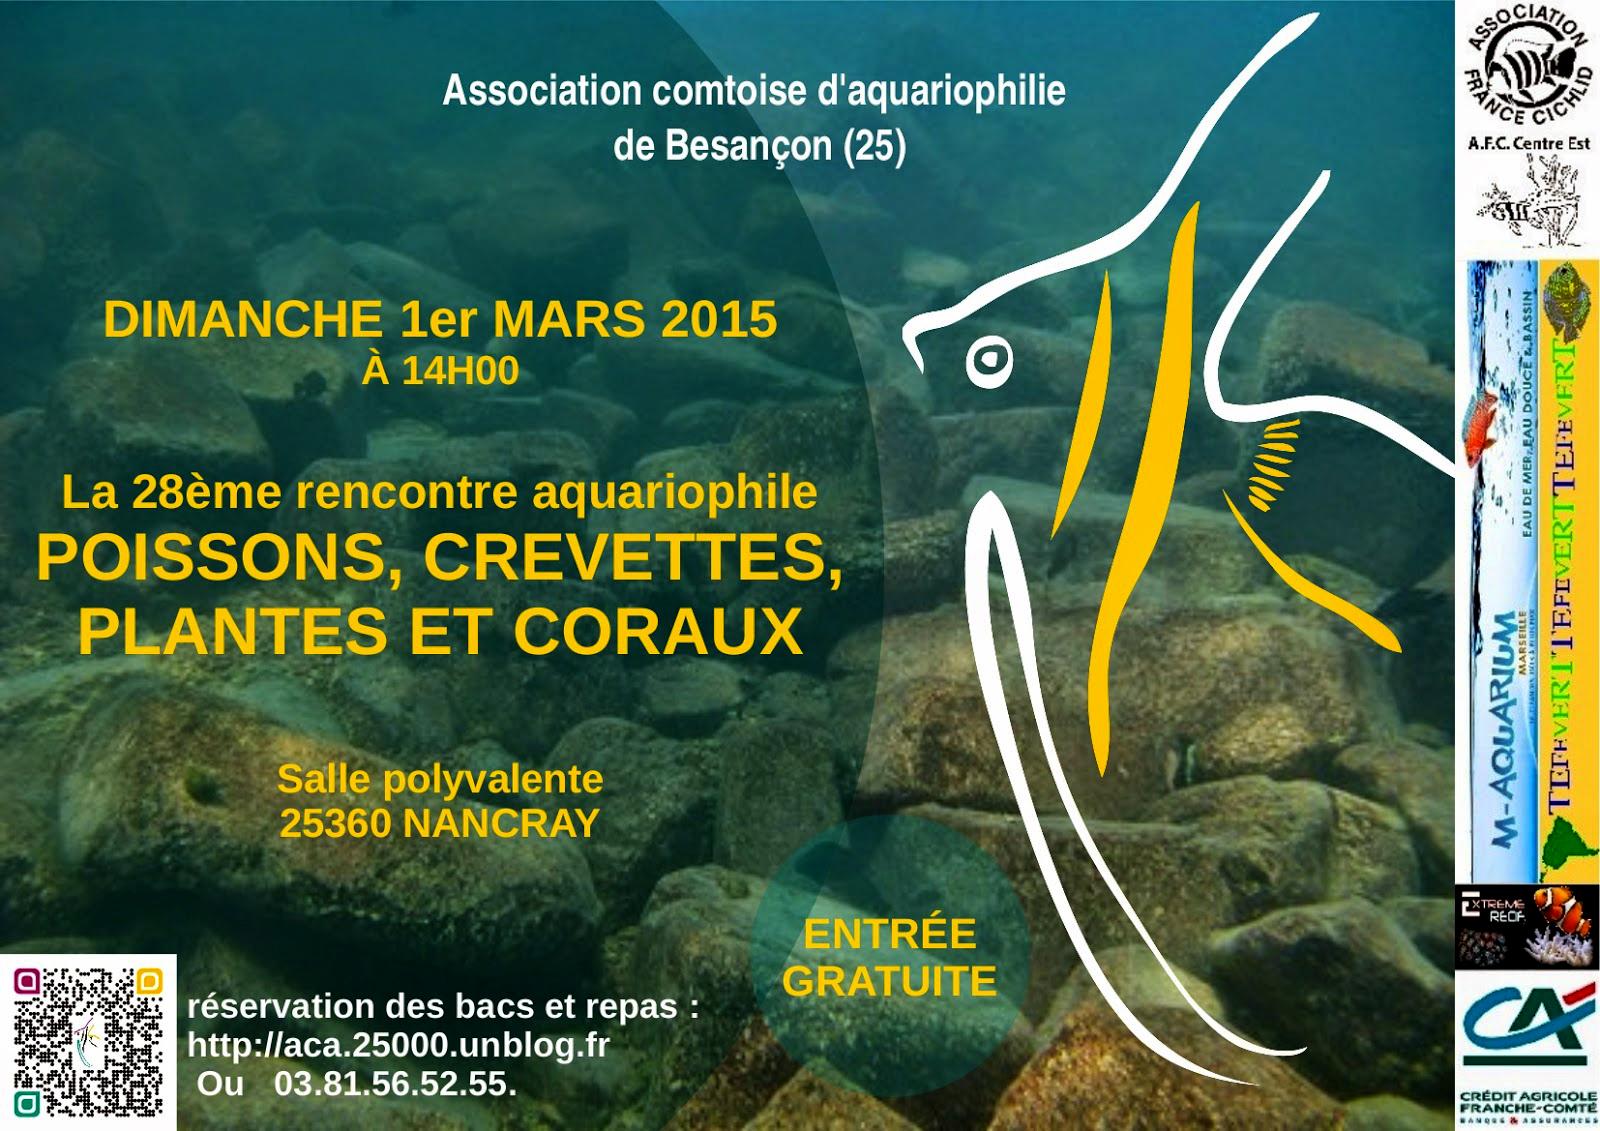 28 me rencontre aquariophile nancray 25 le dimanche for Vente aquariophilie